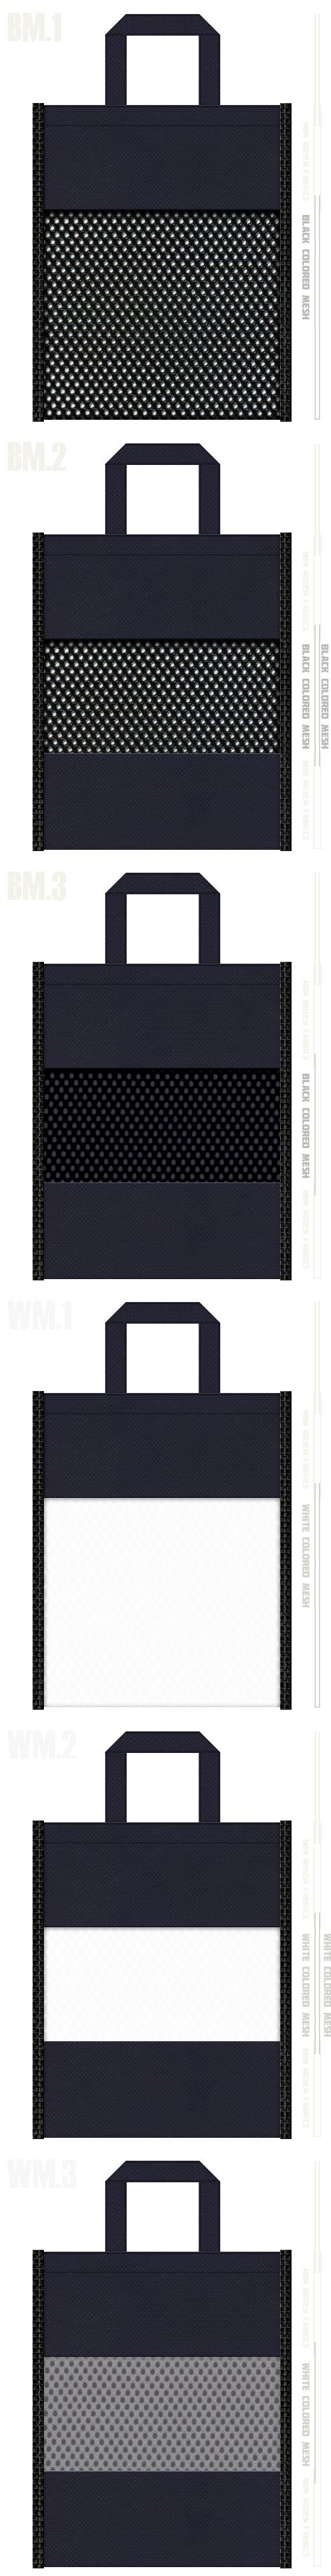 フラットタイプのメッシュバッグのカラーシミュレーション:黒色・白色メッシュと濃紺色不織布の組み合わせ